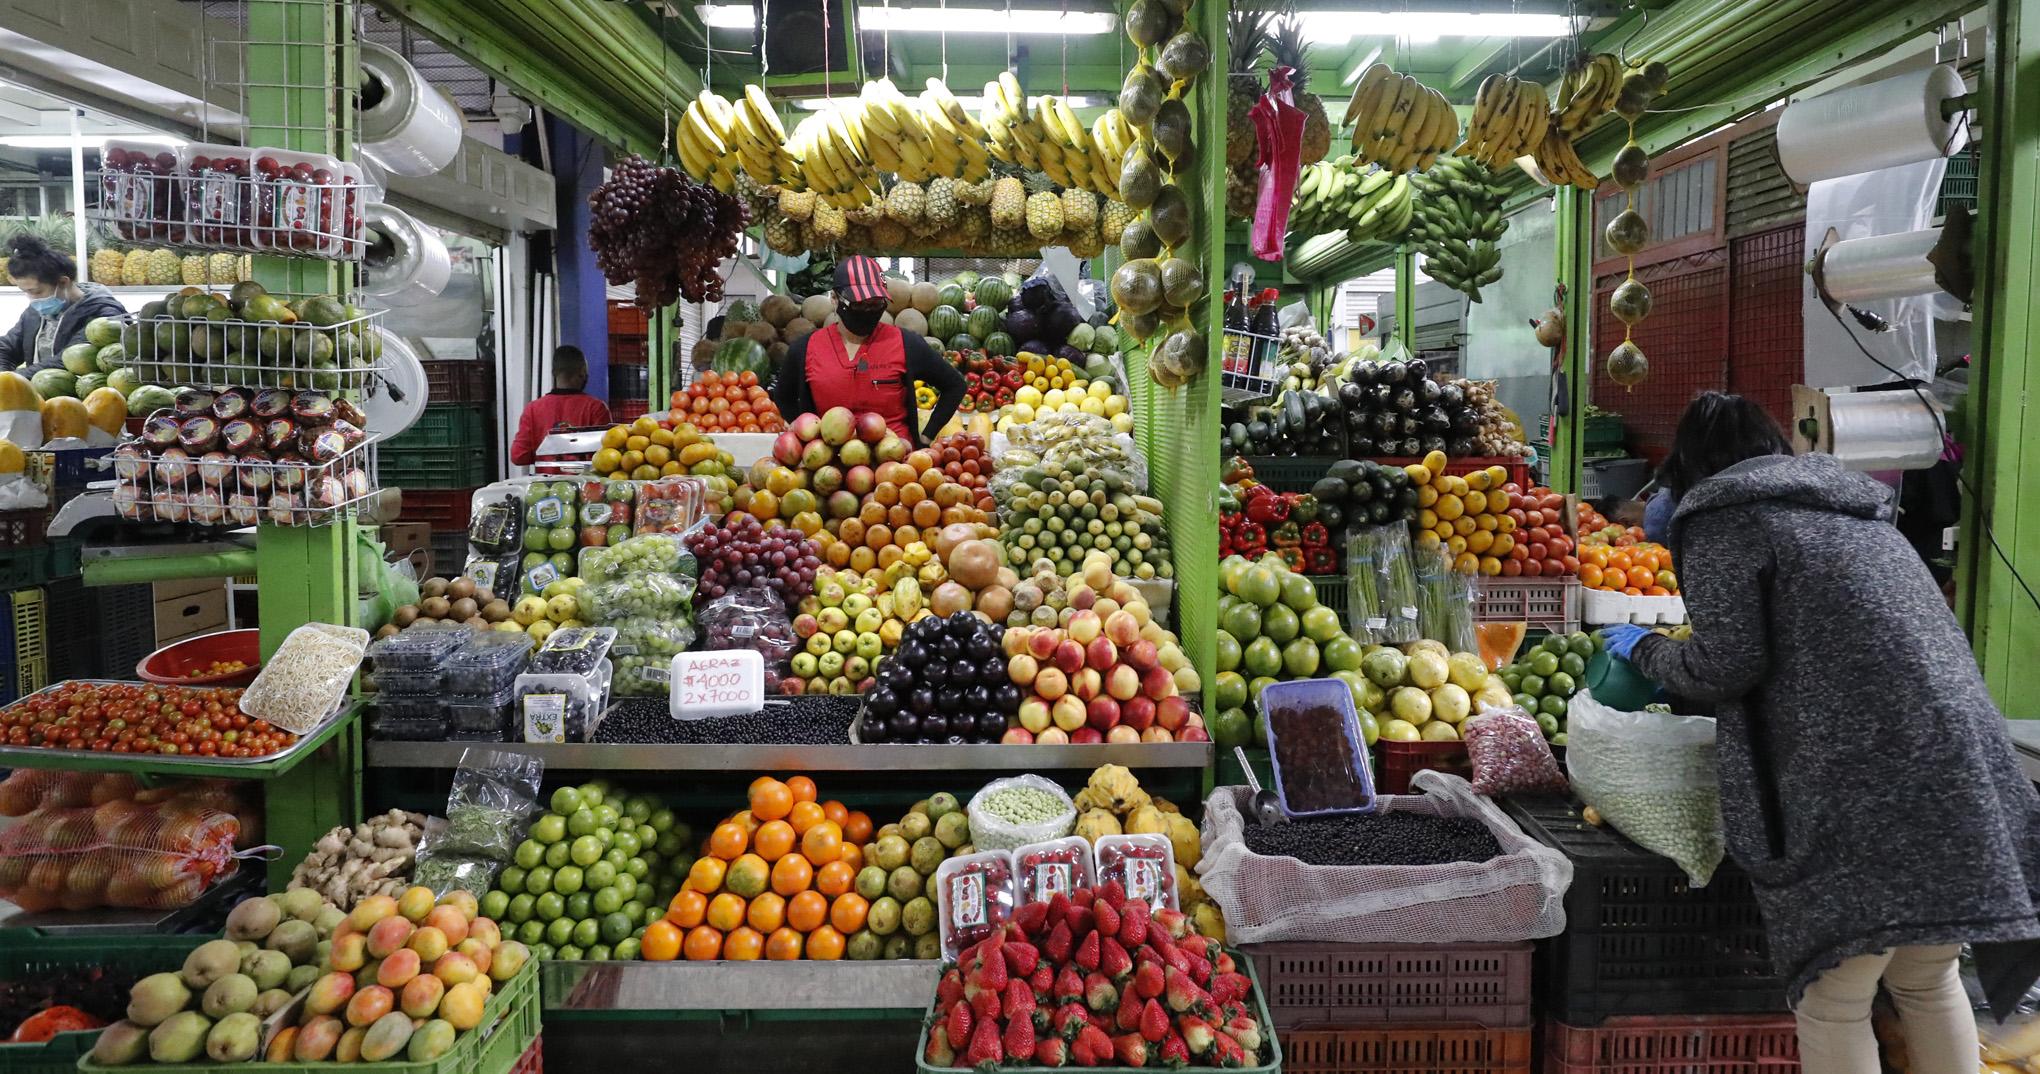 América Latina y el Caribe, claves para alimentar a 10.000 millones de personas en 2050